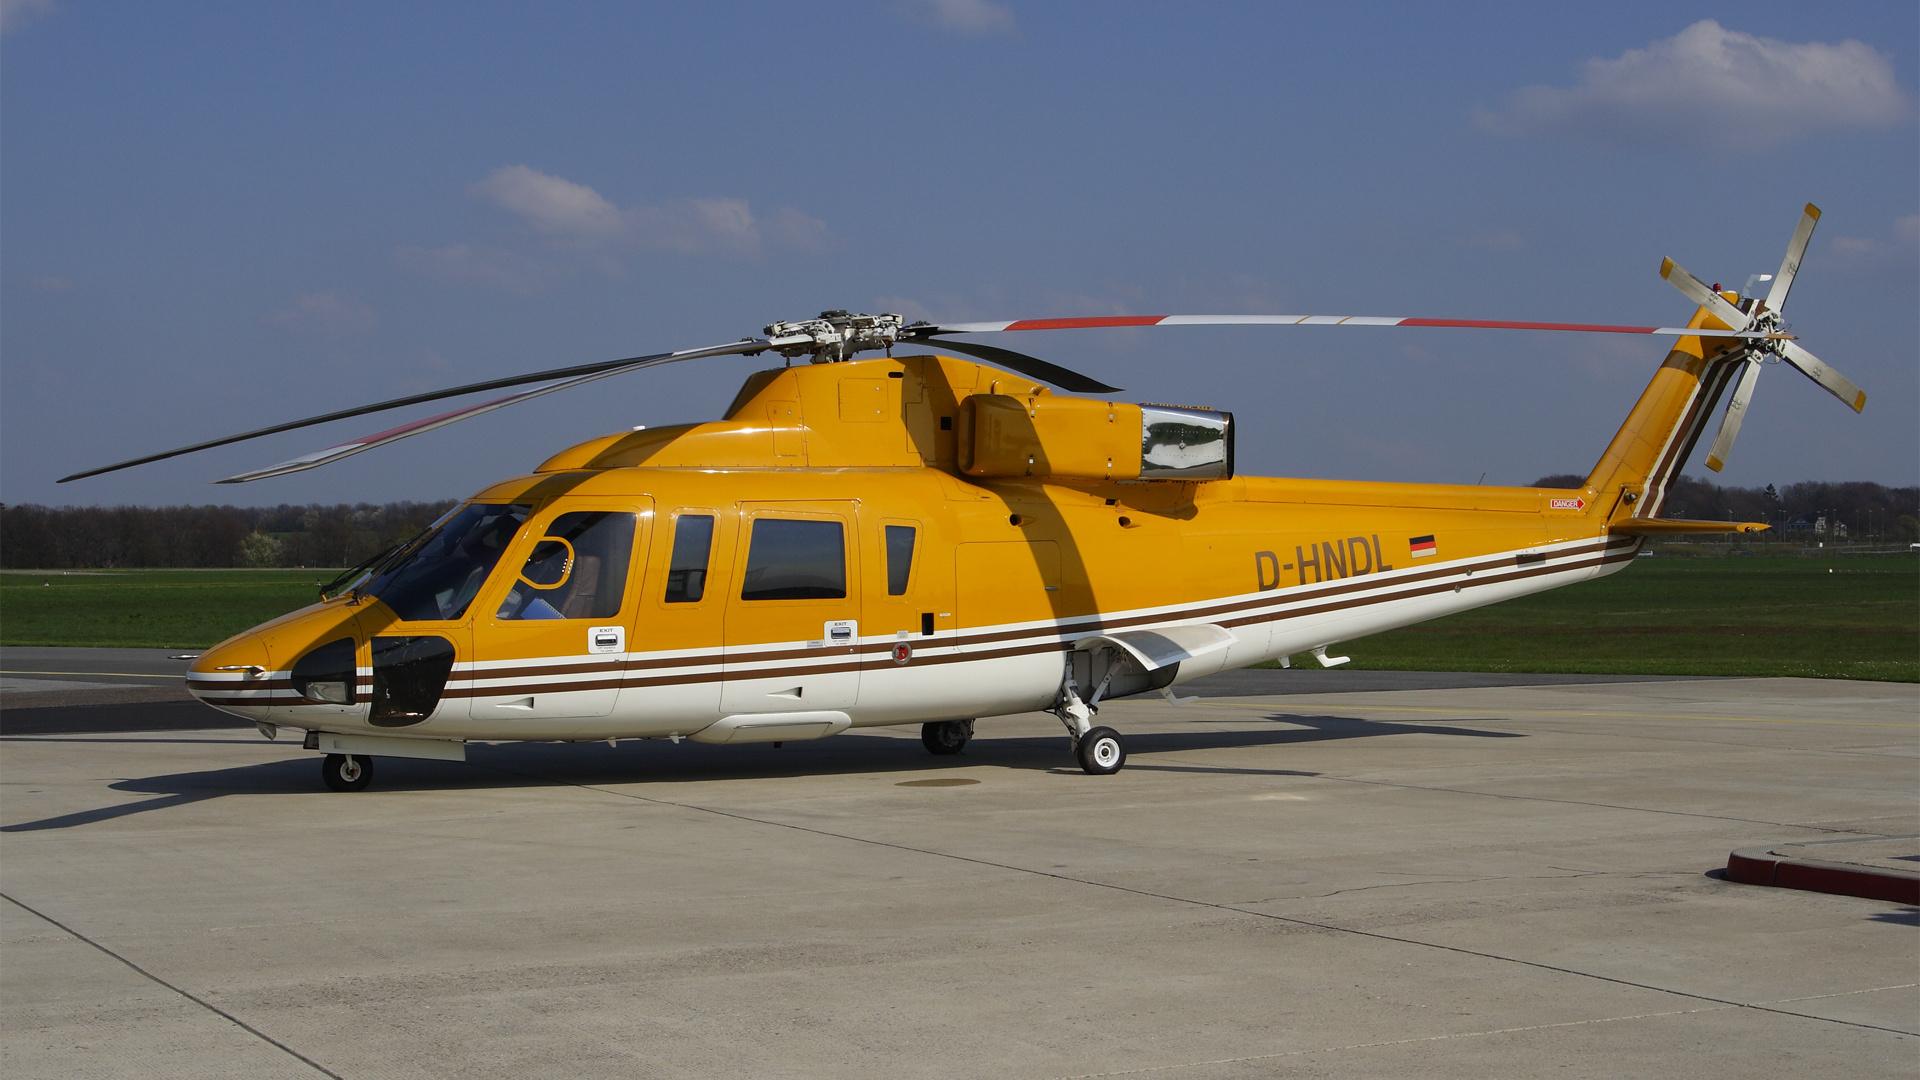 D-HNDL-1 S76 ESS 200804